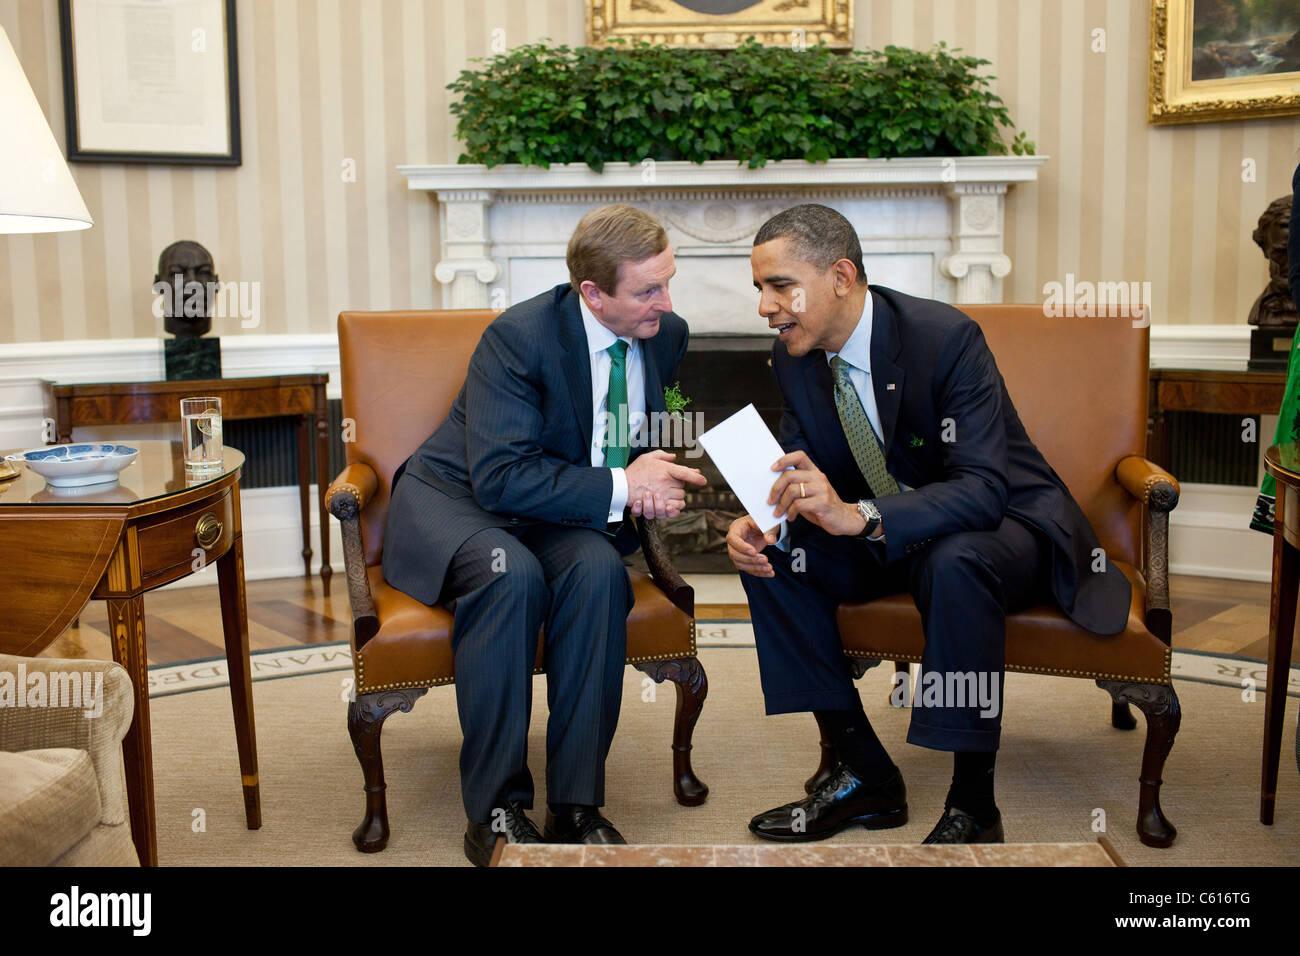 Präsident Obama verleiht mit der irische Premierminister Enda Kenny im Oval Office 17. März 2011. (BSWH Stockbild